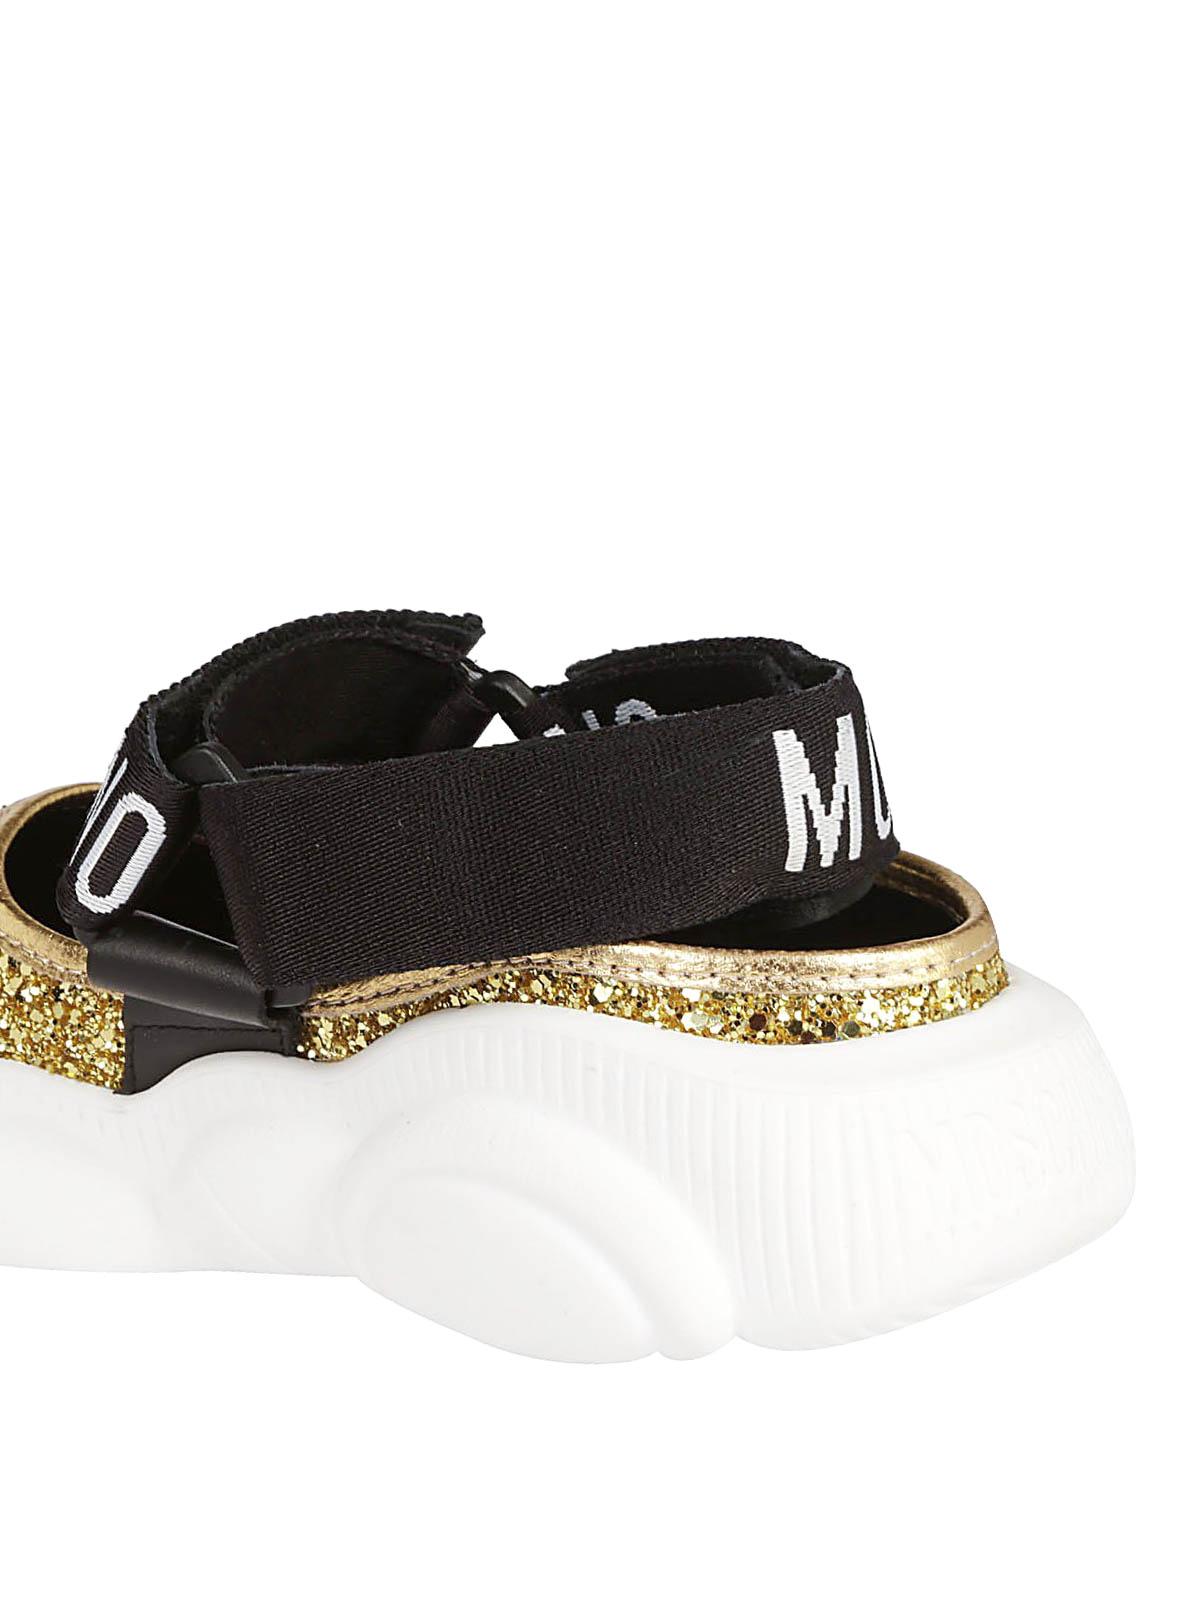 0b31f70e675c2 iKRIX MOSCHINO  sandals - Teddy Run glitter gold-tone sandals